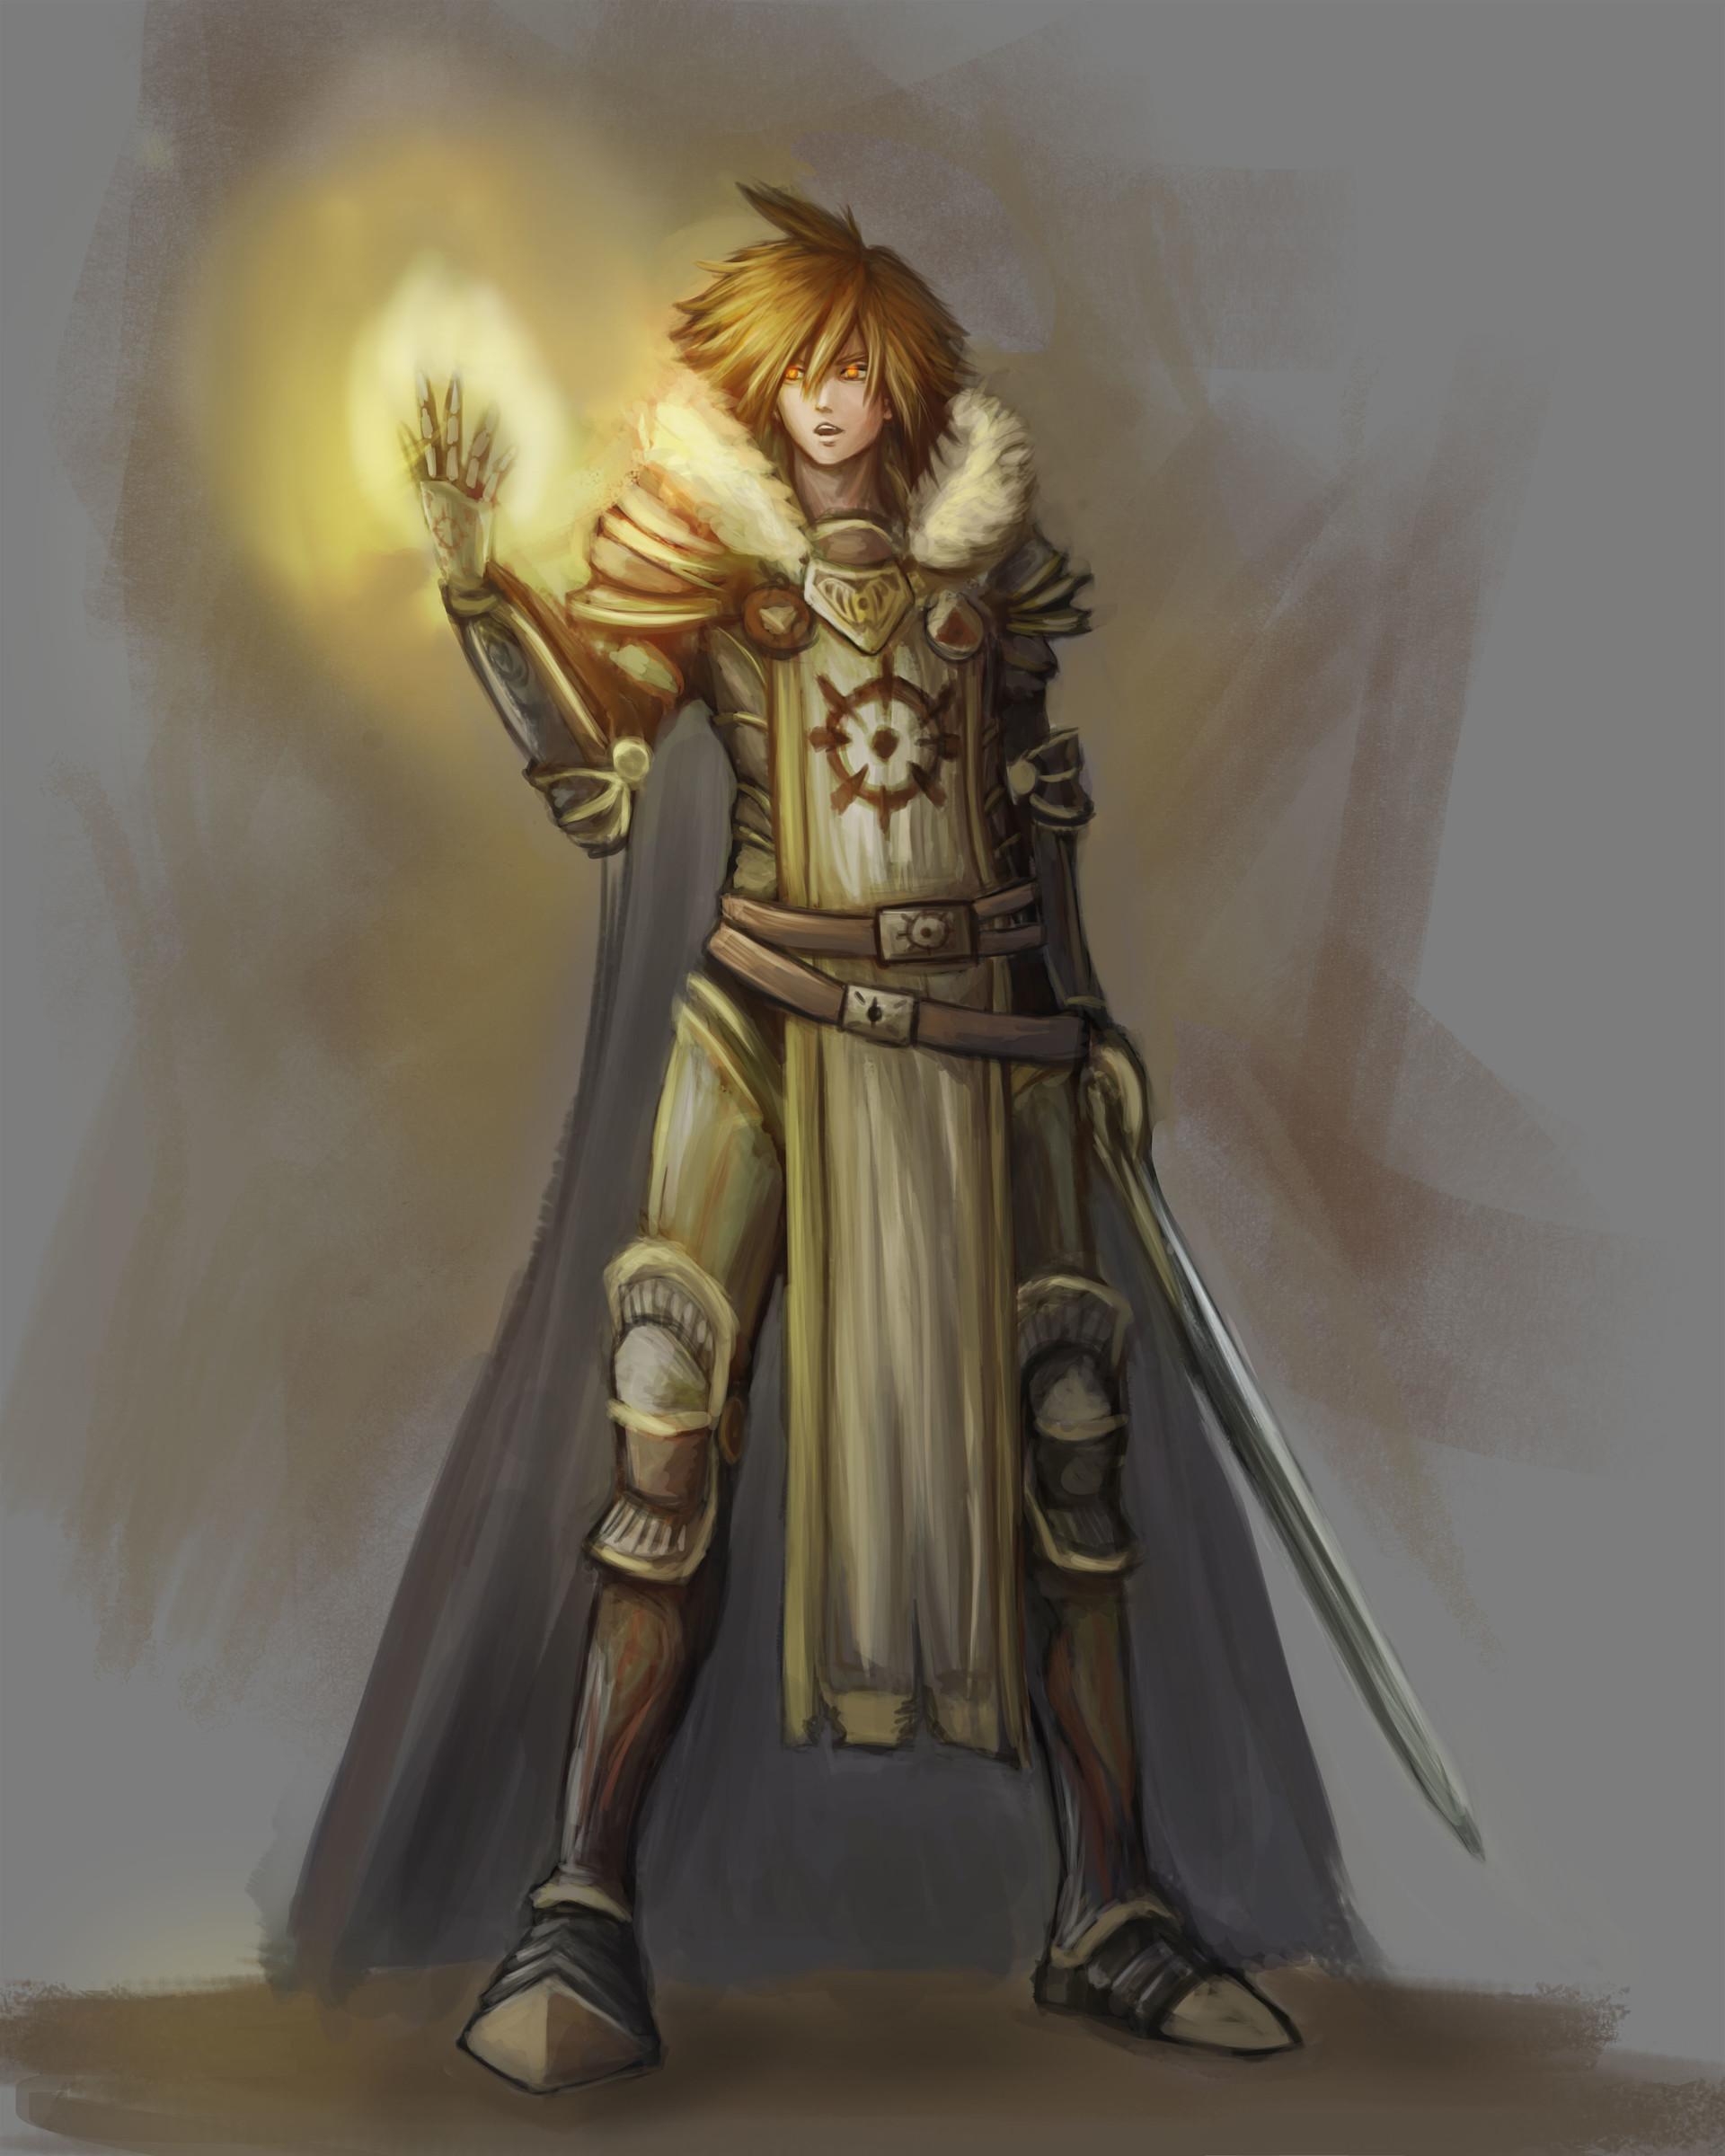 Dix shou magic knight color 1